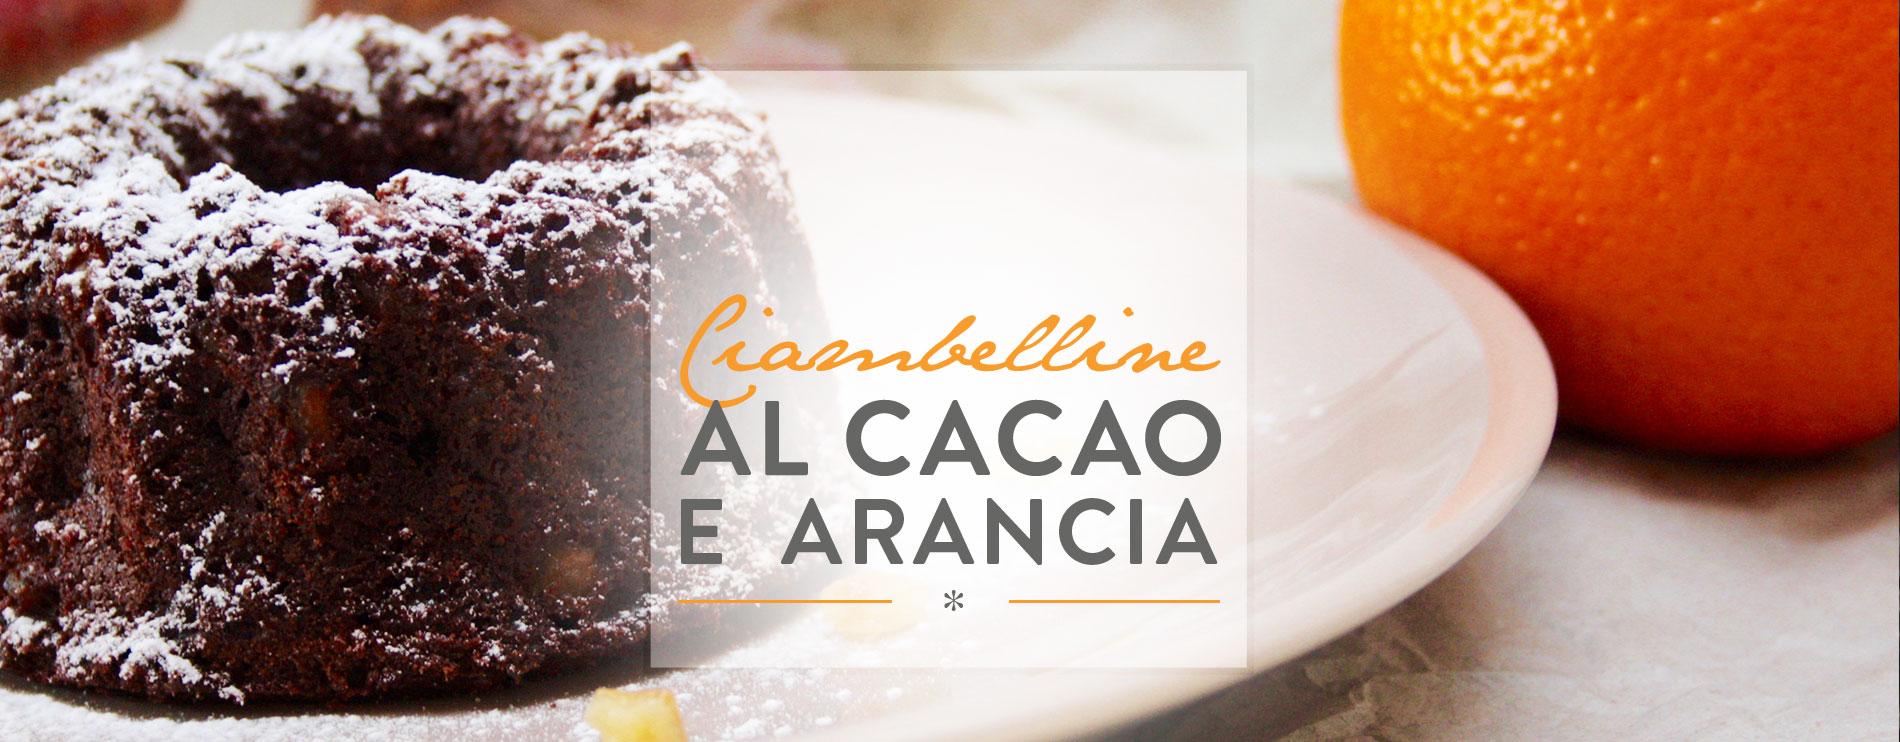 Ciambelline-al-cacao-e--arancia-header